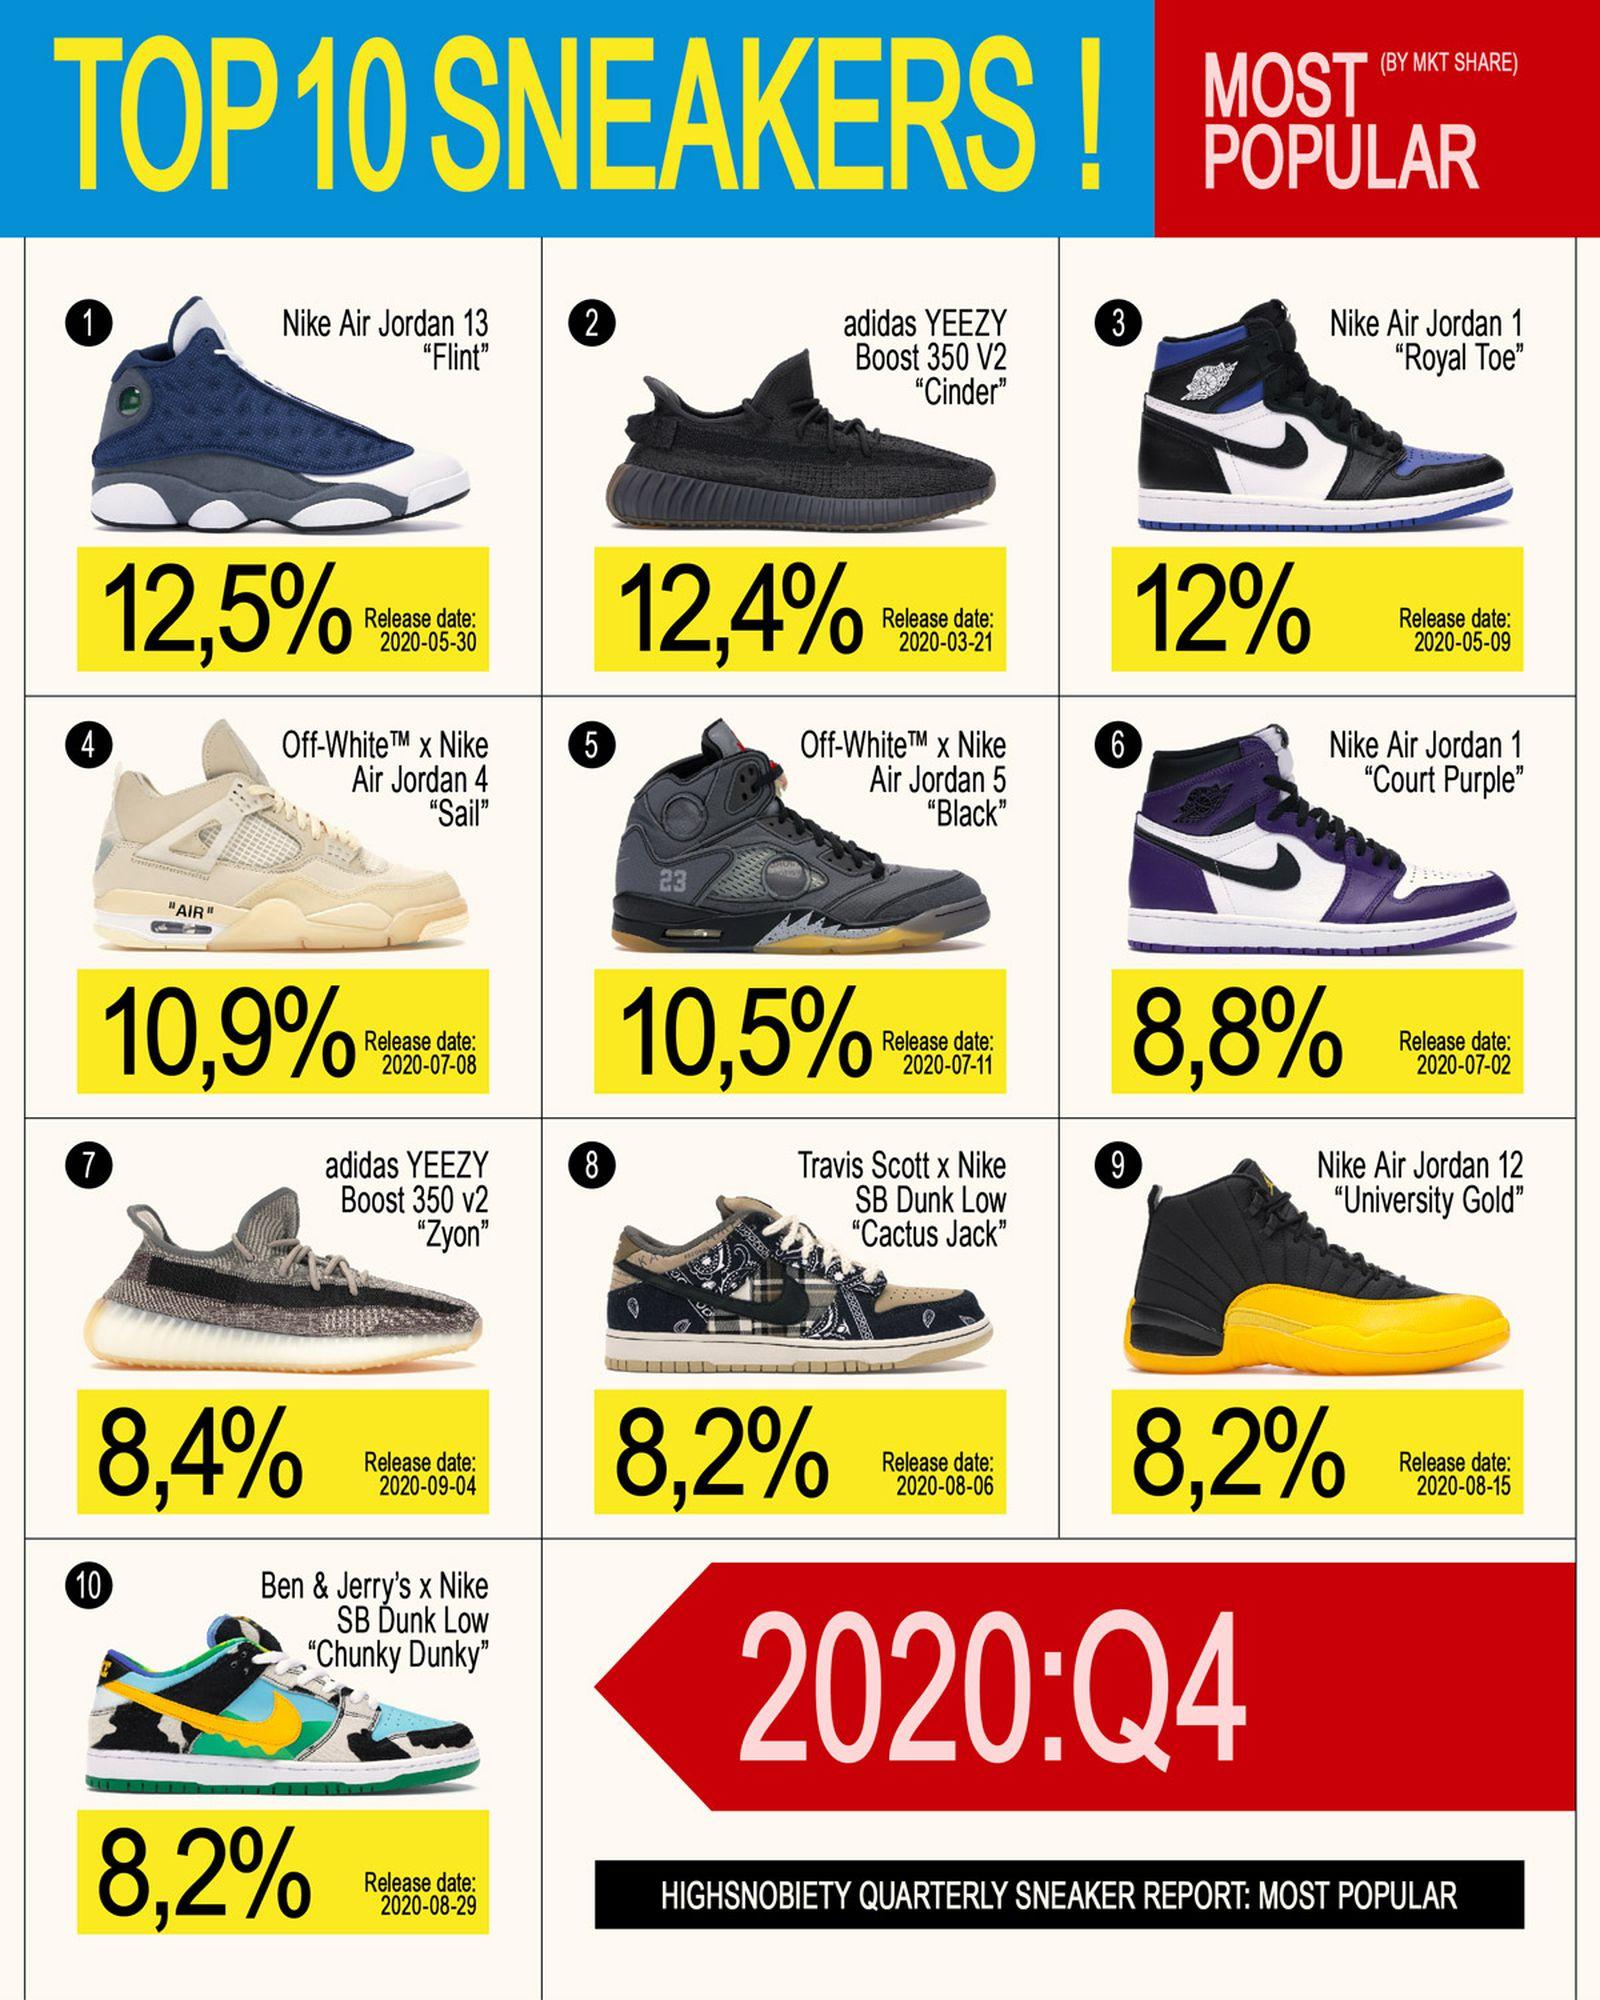 sneaker-report-snackable-02